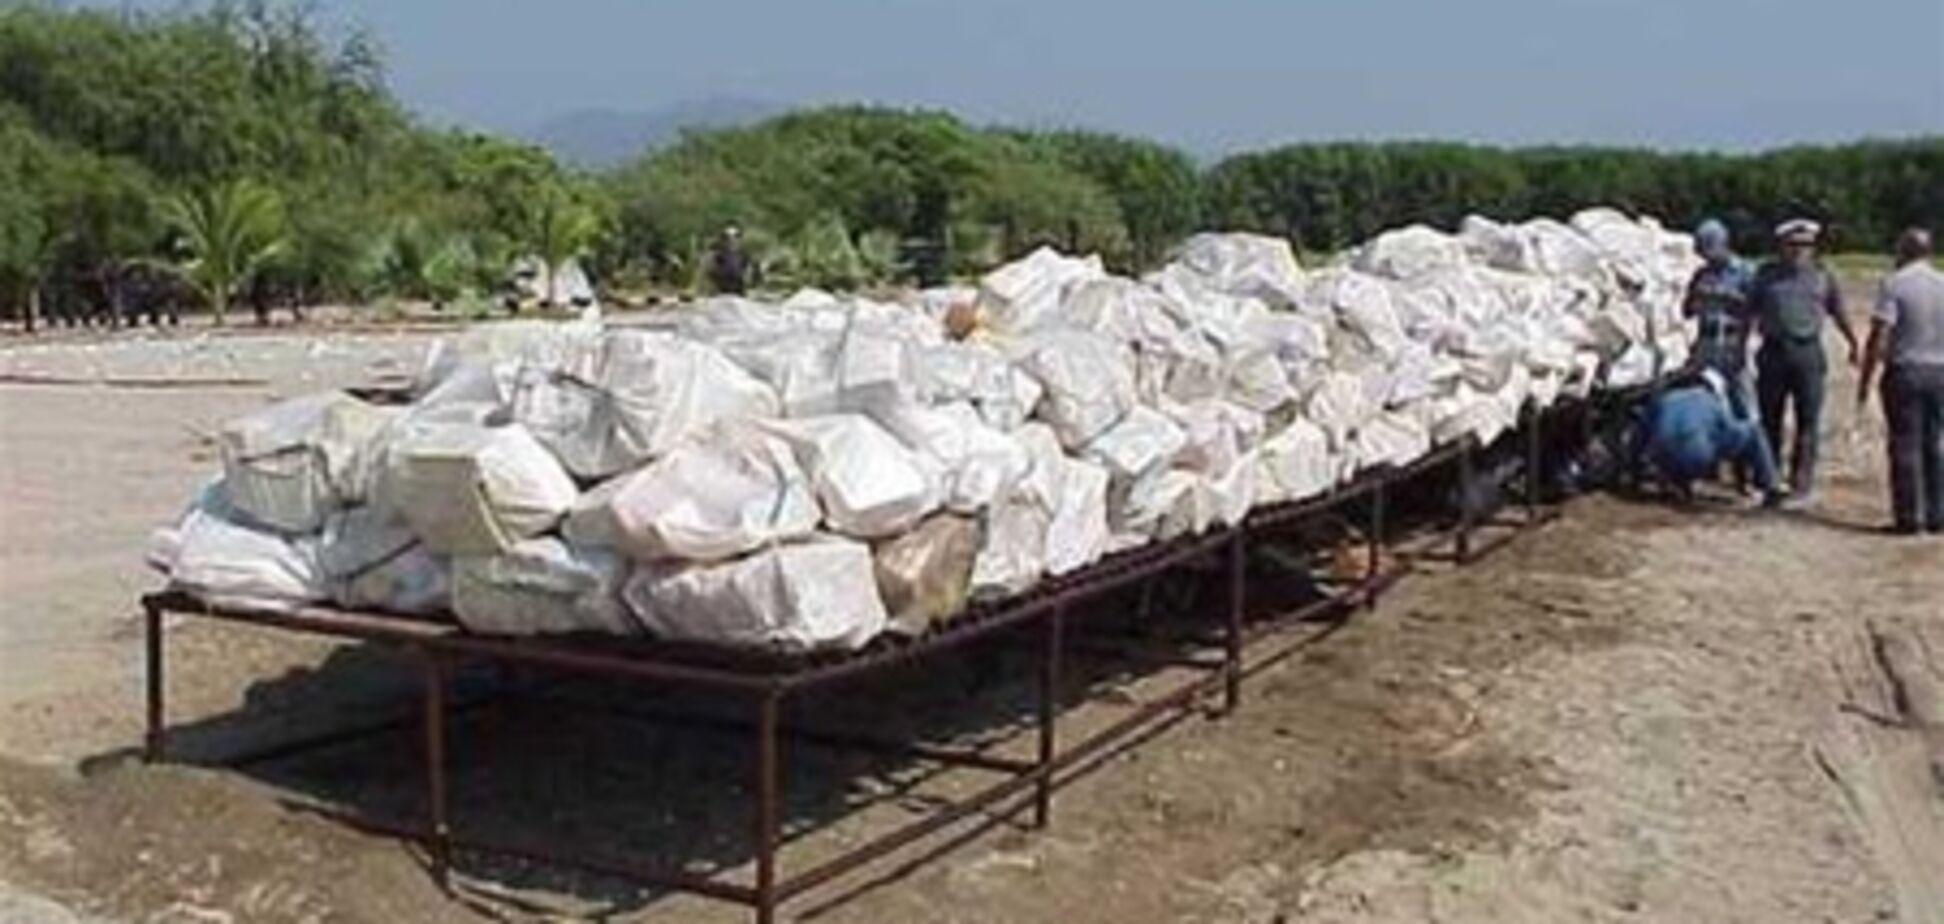 Поліція Коста-Ріки знайшла схованку з тонною кокаїну